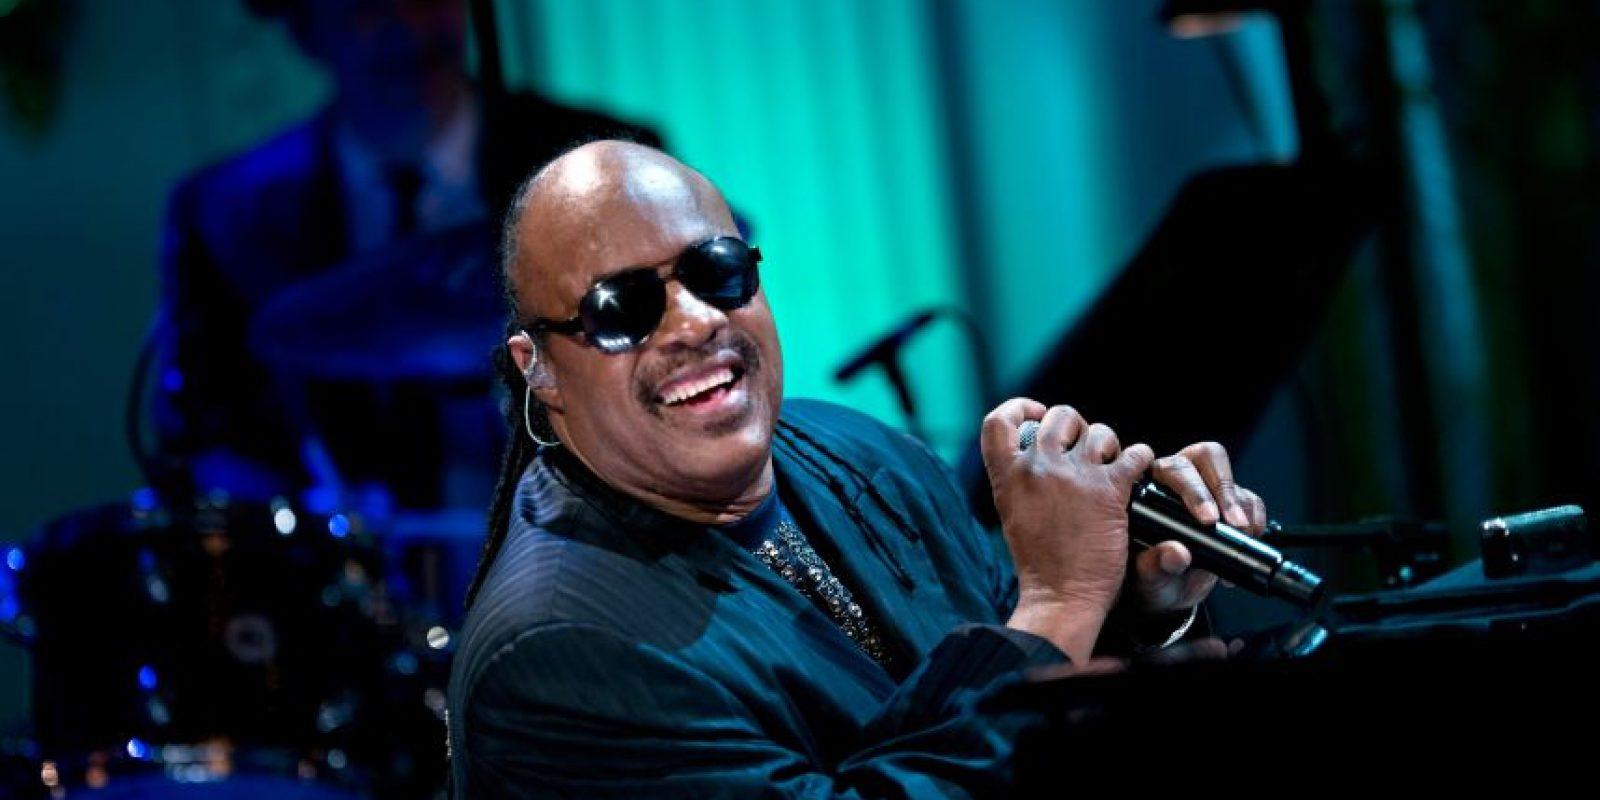 El cantautor ciego de 64 años ha ganado 25 premios Grammy Foto:AFP